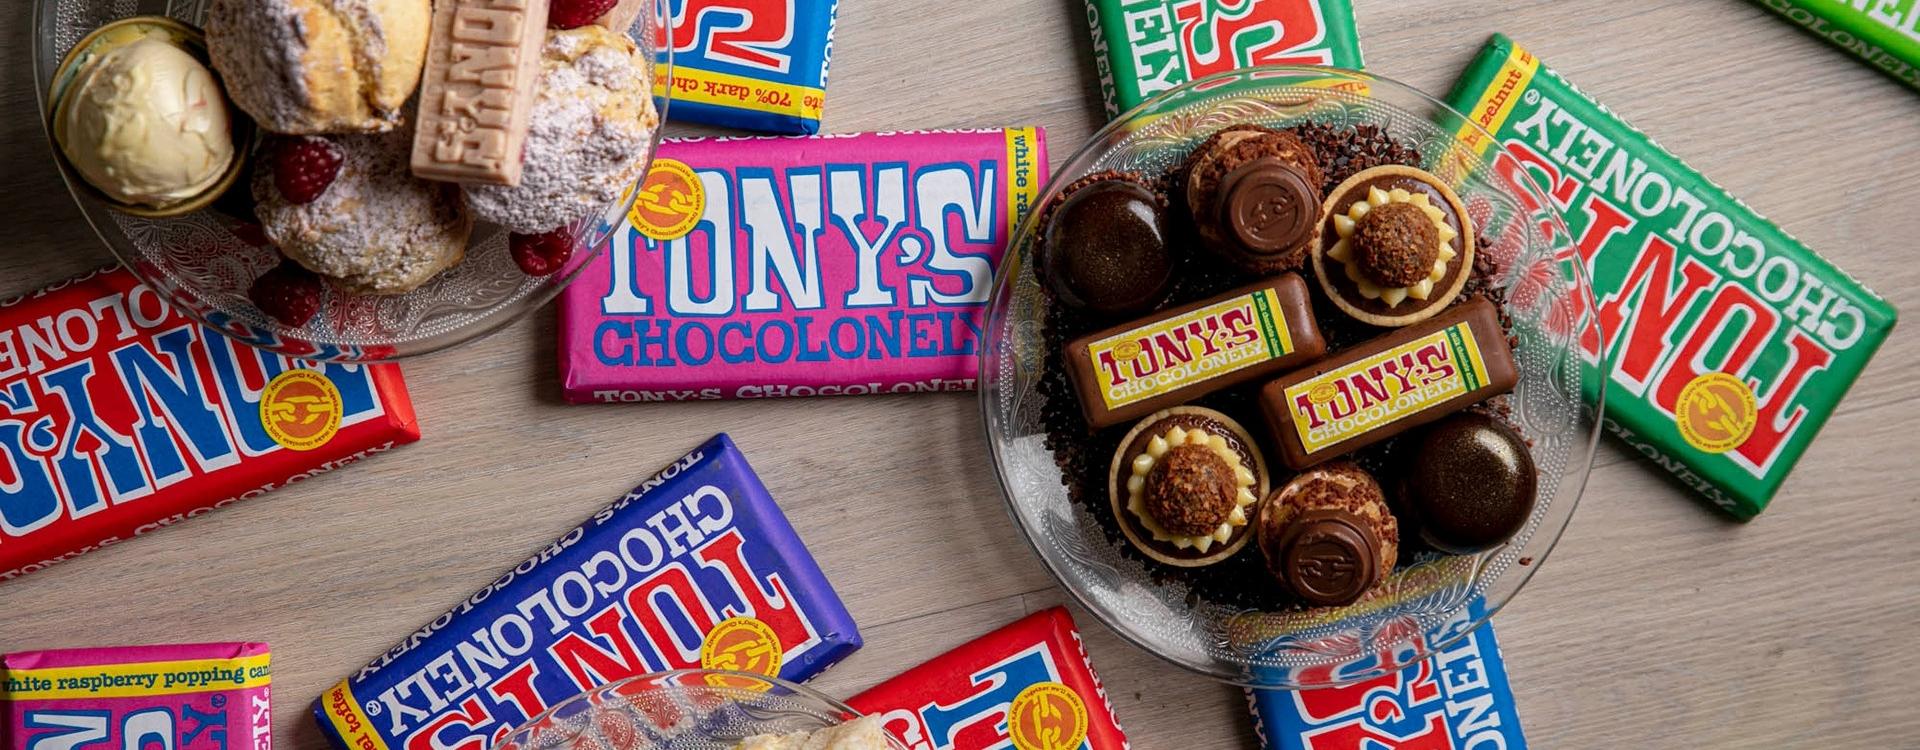 Brands tonys choc 05